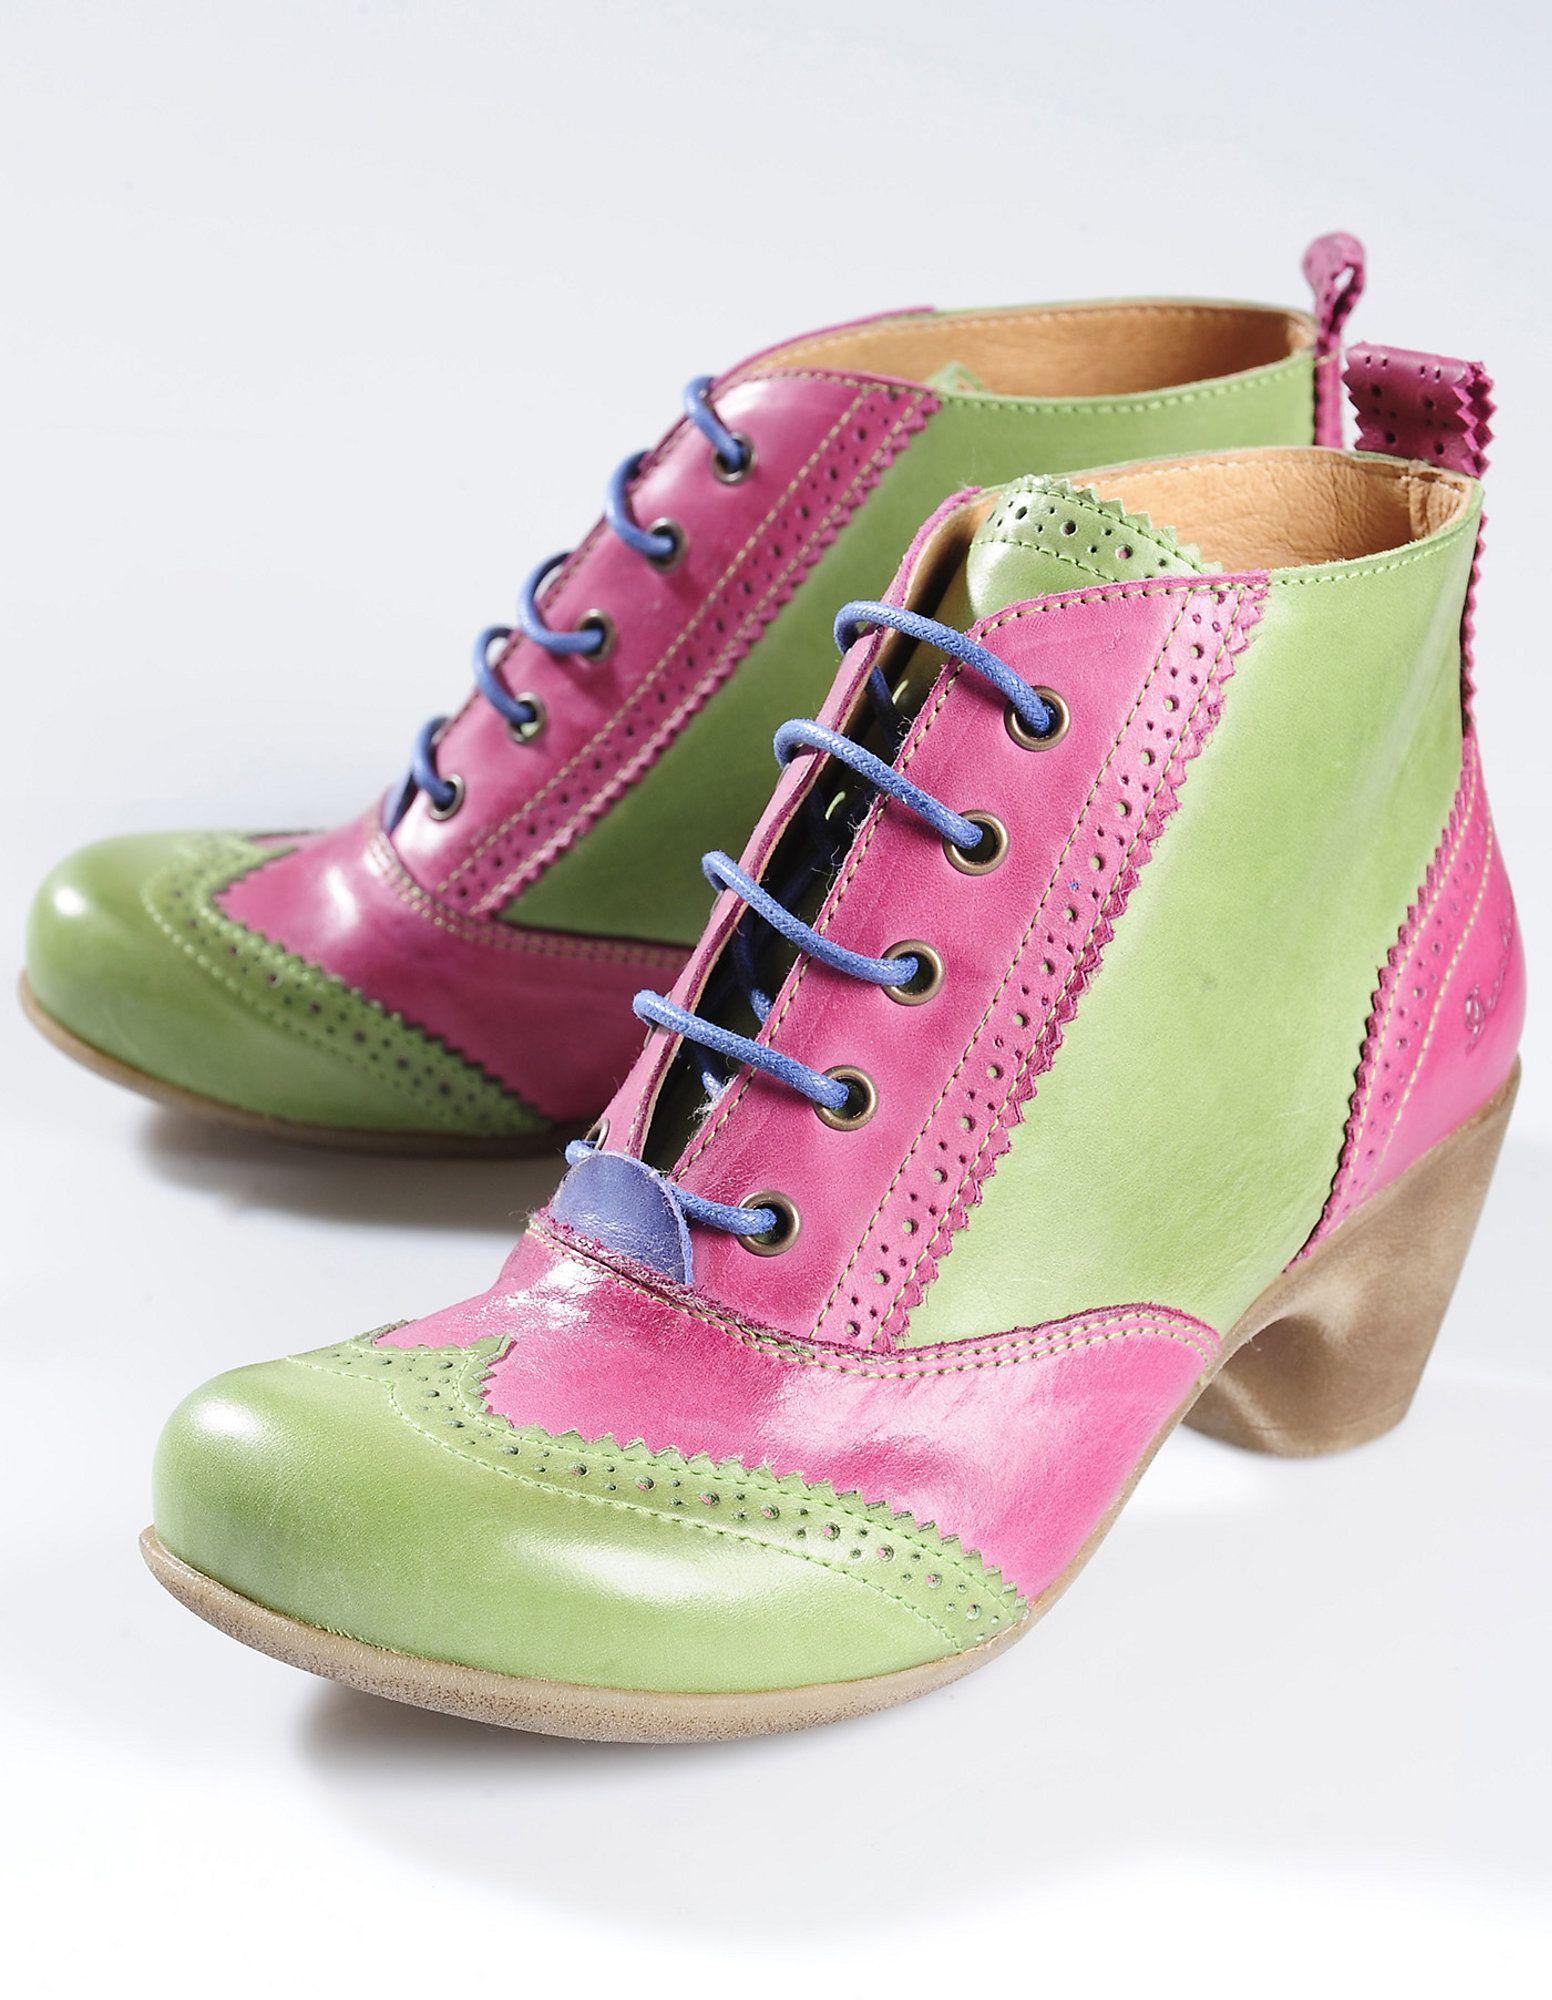 Stiefeletten Agnita Von Deerberg In Wiese Deerberg Stiefeletten Schuhe Frauen Und Mode